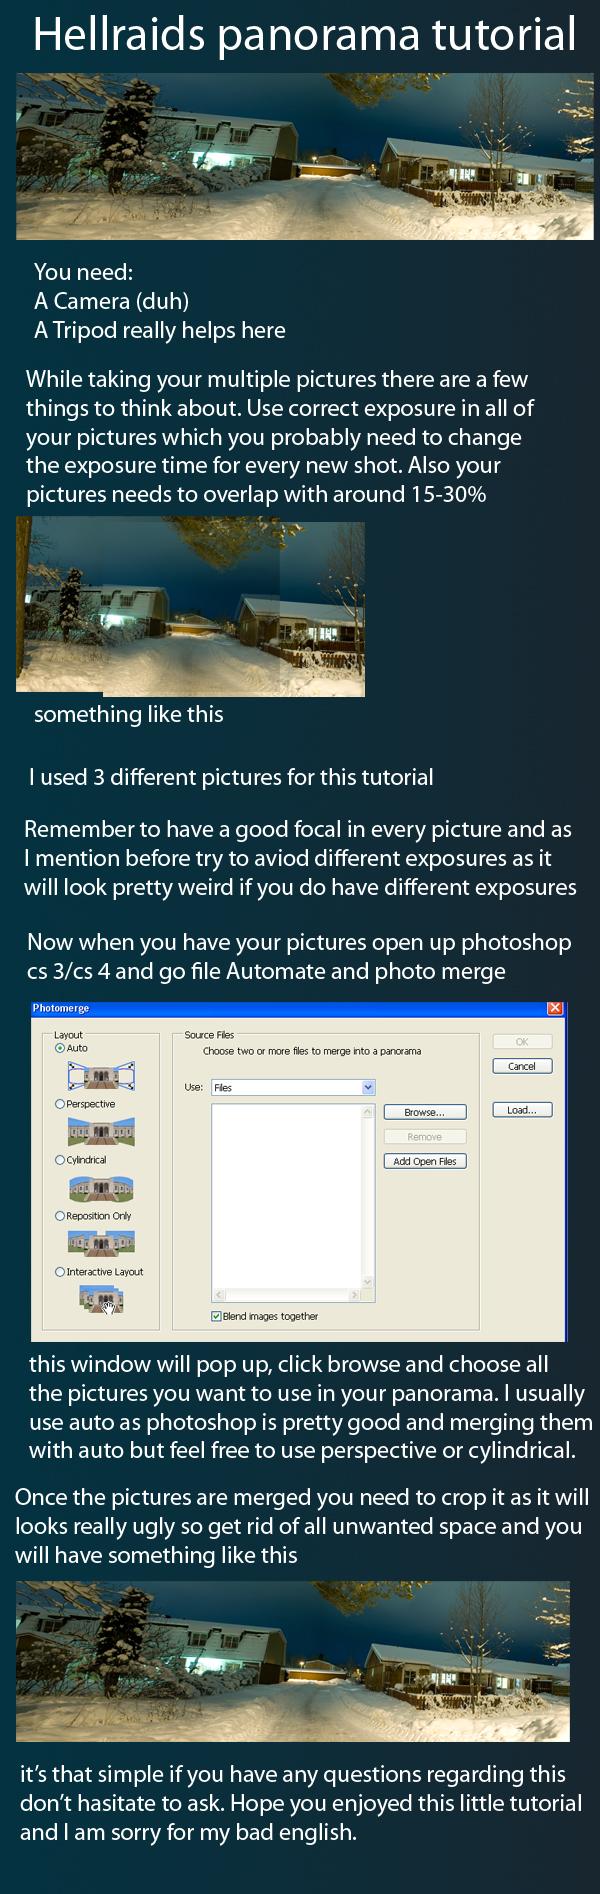 panorama_tutorial_by_hellraidgr.jpg